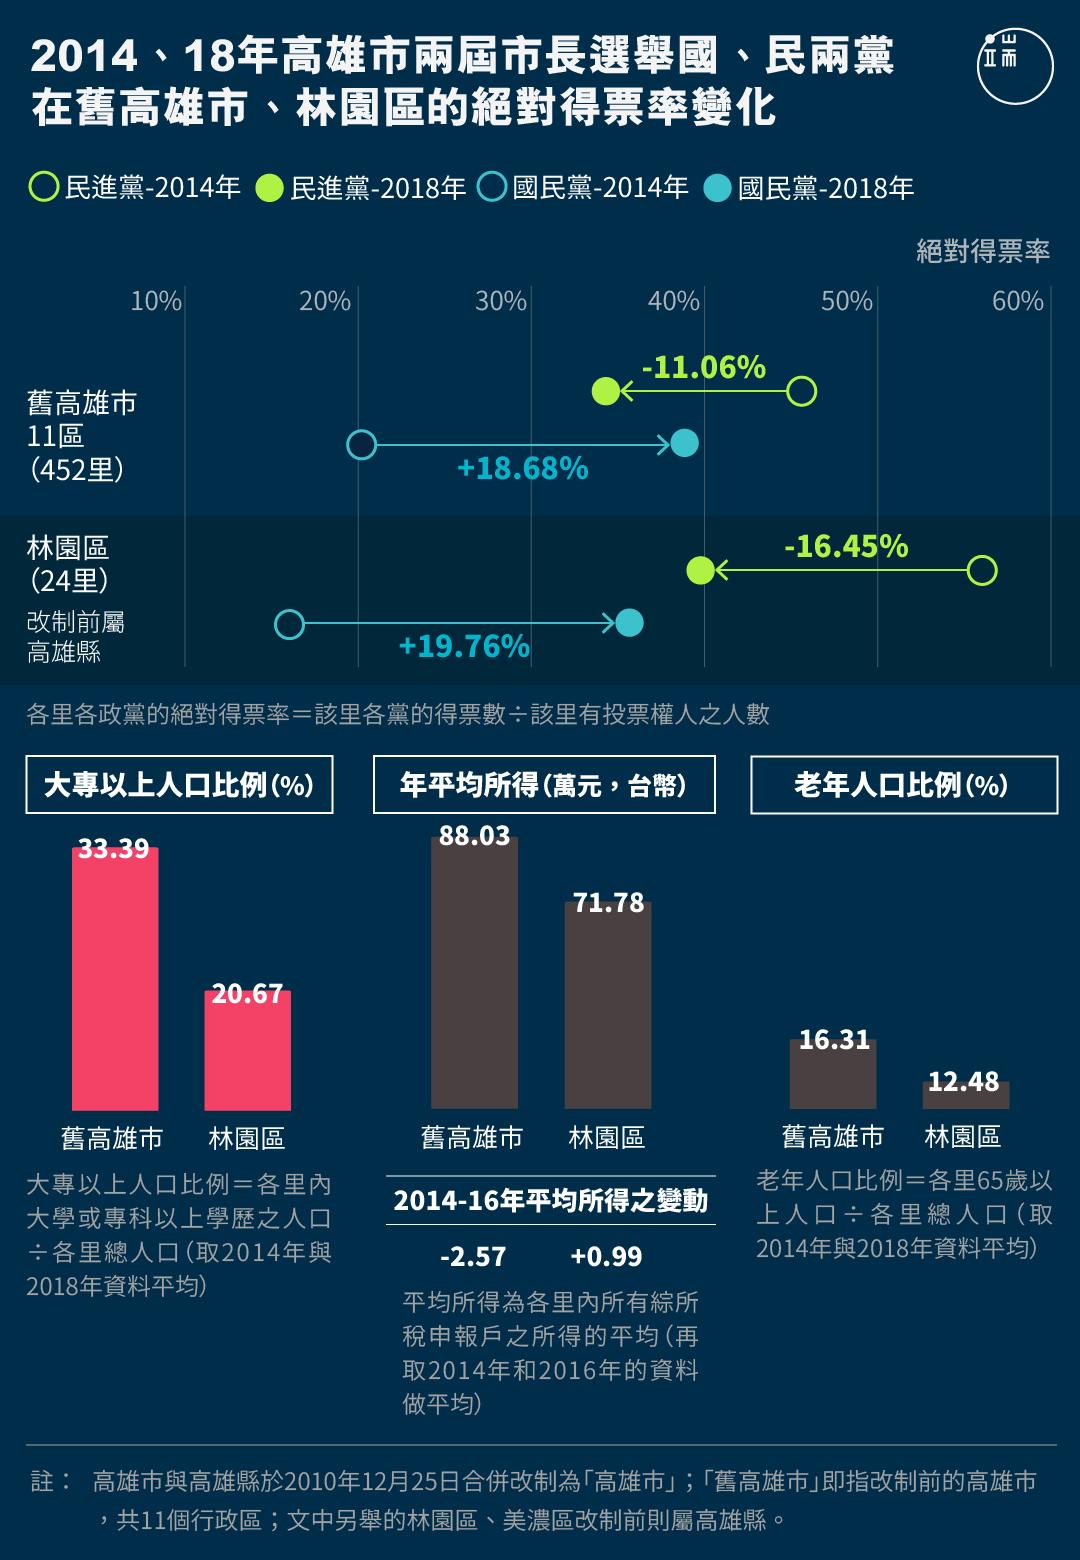 2014、18年高雄市兩屆市長選舉國、民兩黨在舊高雄市、林園區的絕對得票率變化。